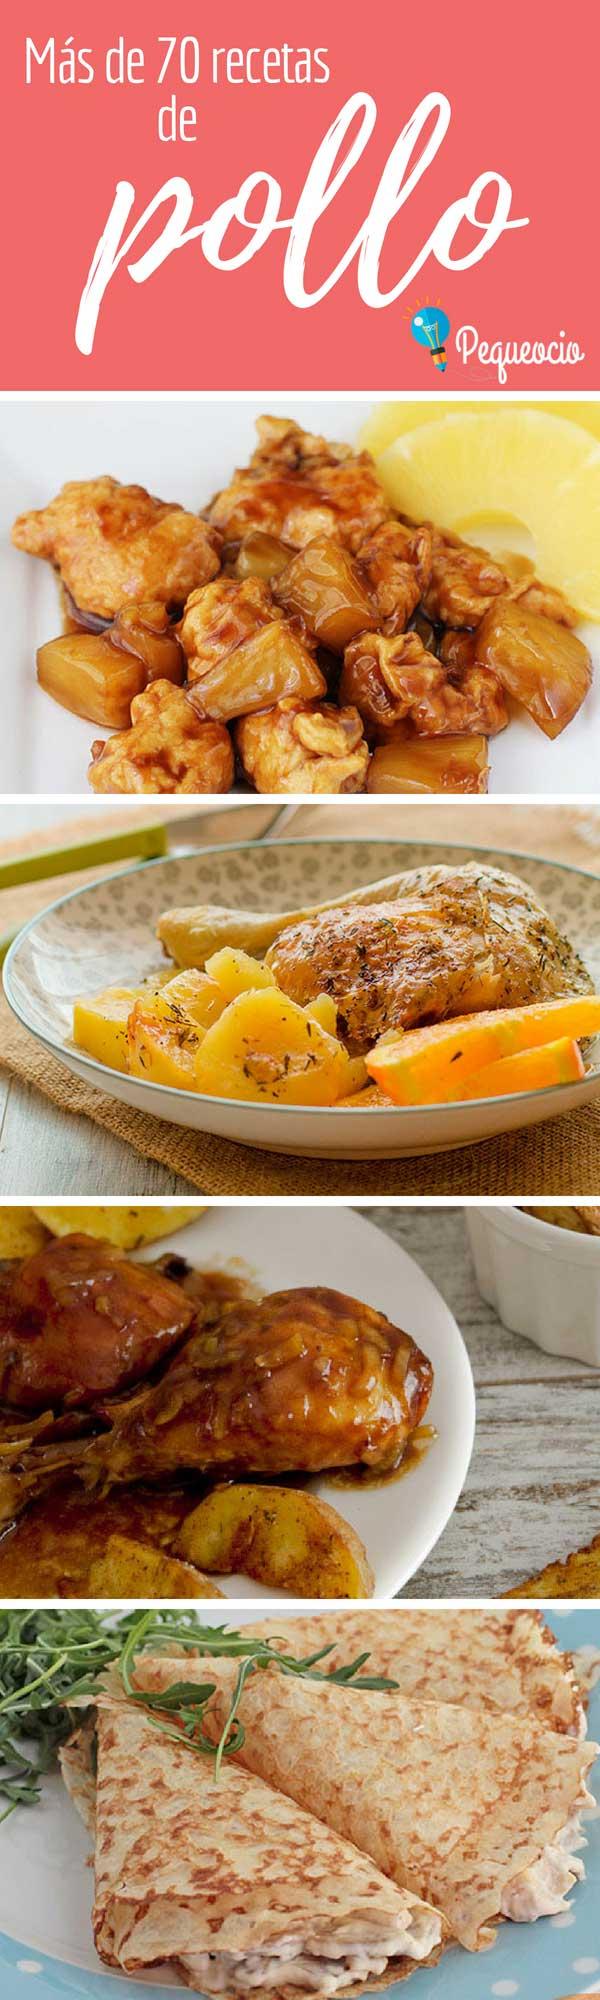 recetas de pollo faciles